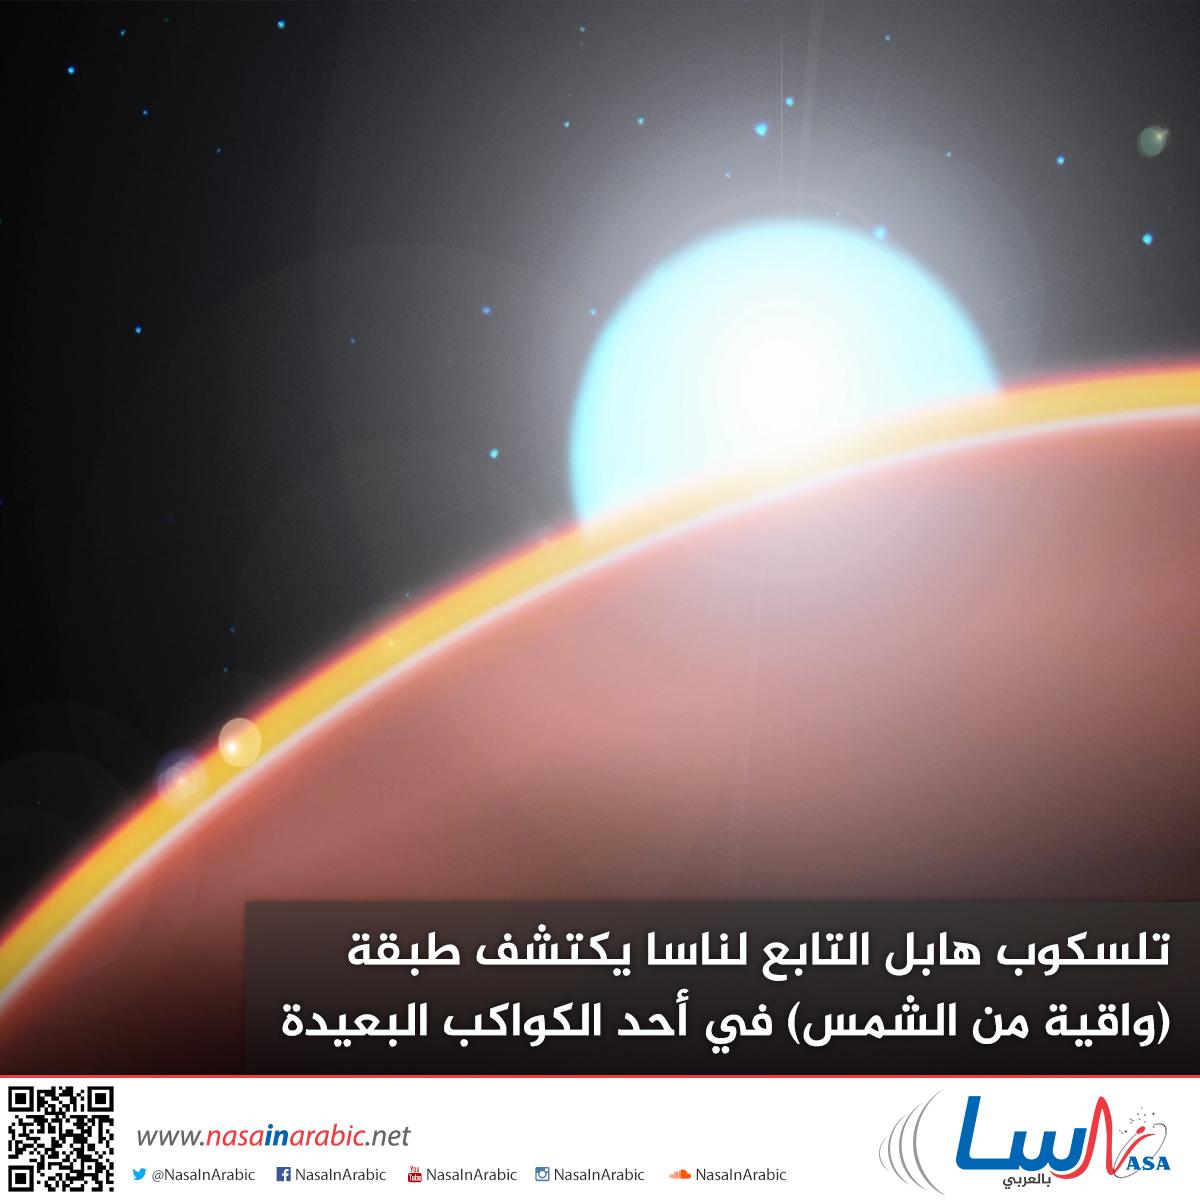 تلسكوب هابل التابع لناسا يكتشف طبقة (واقية من الشمس) في أحد الكواكب البعيدة.